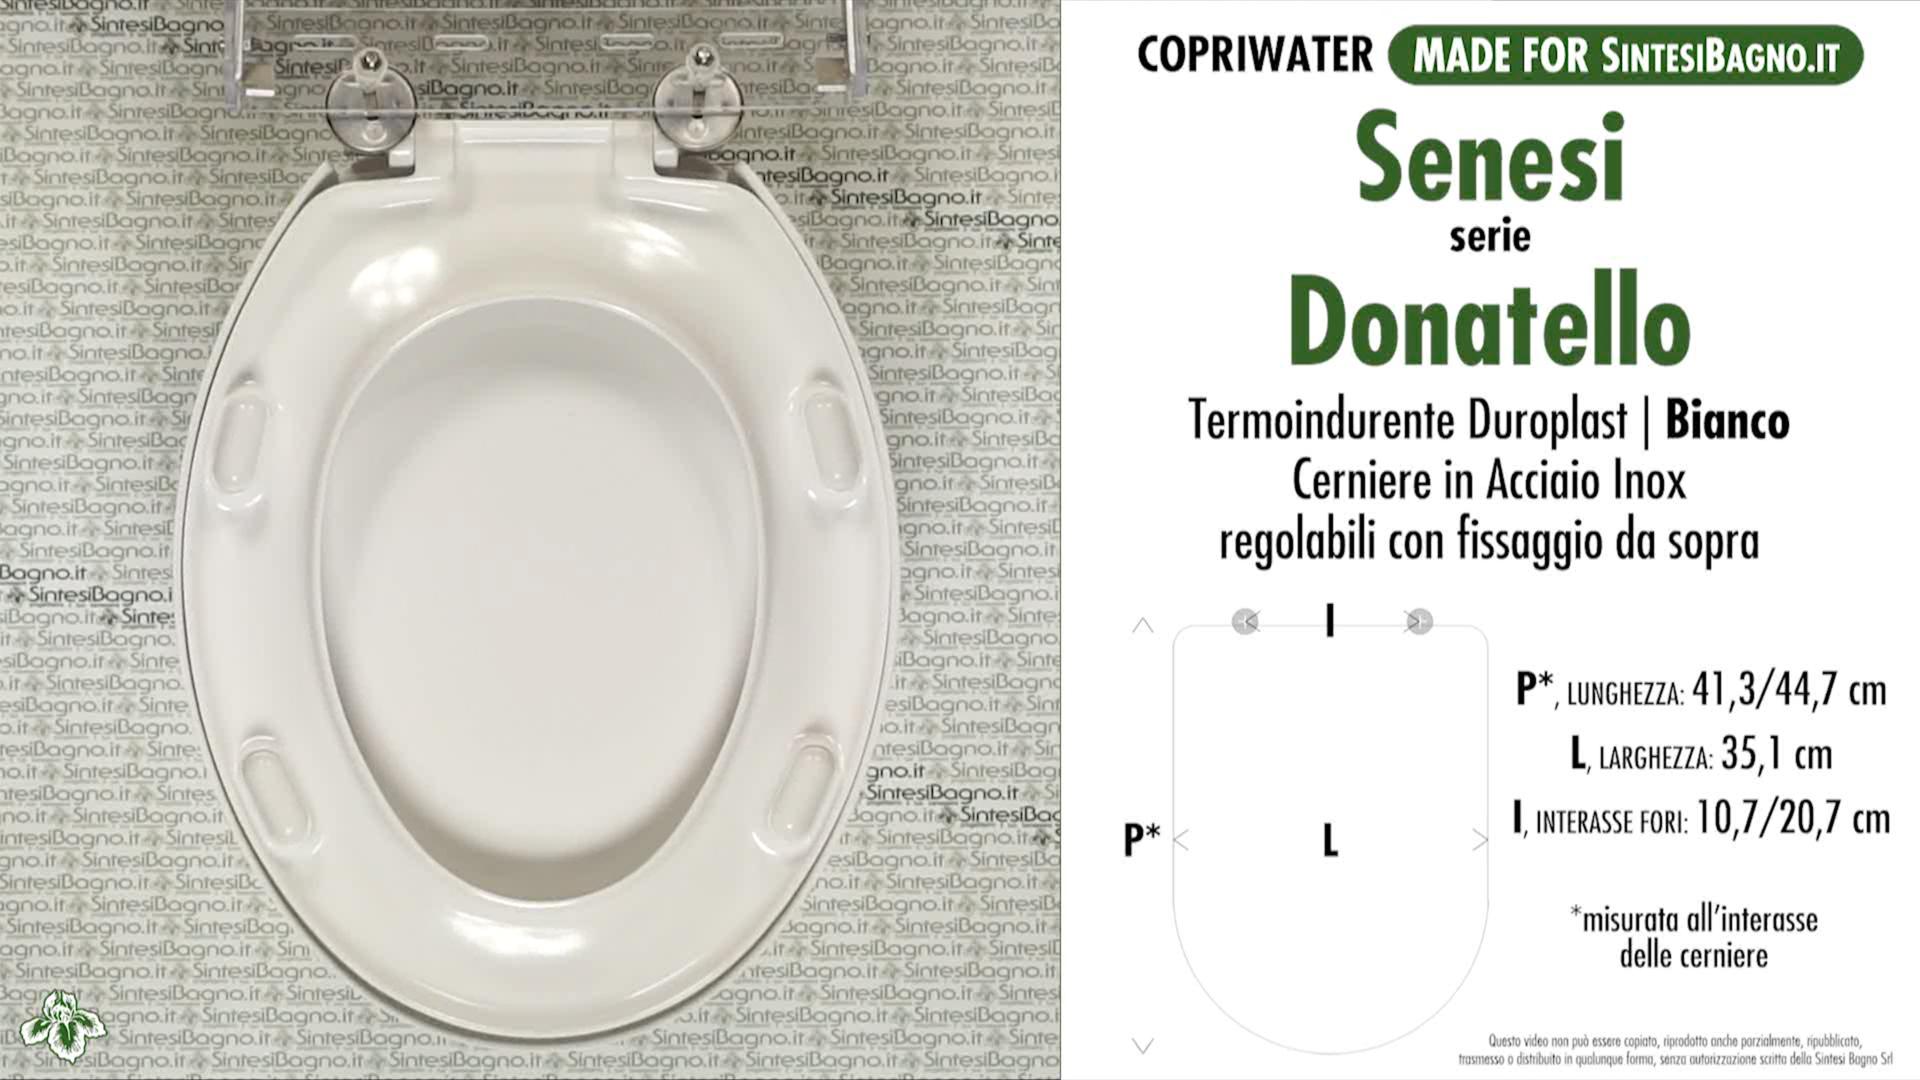 SCHEDA TECNICA MISURE copriwater SENESI DONATELLO